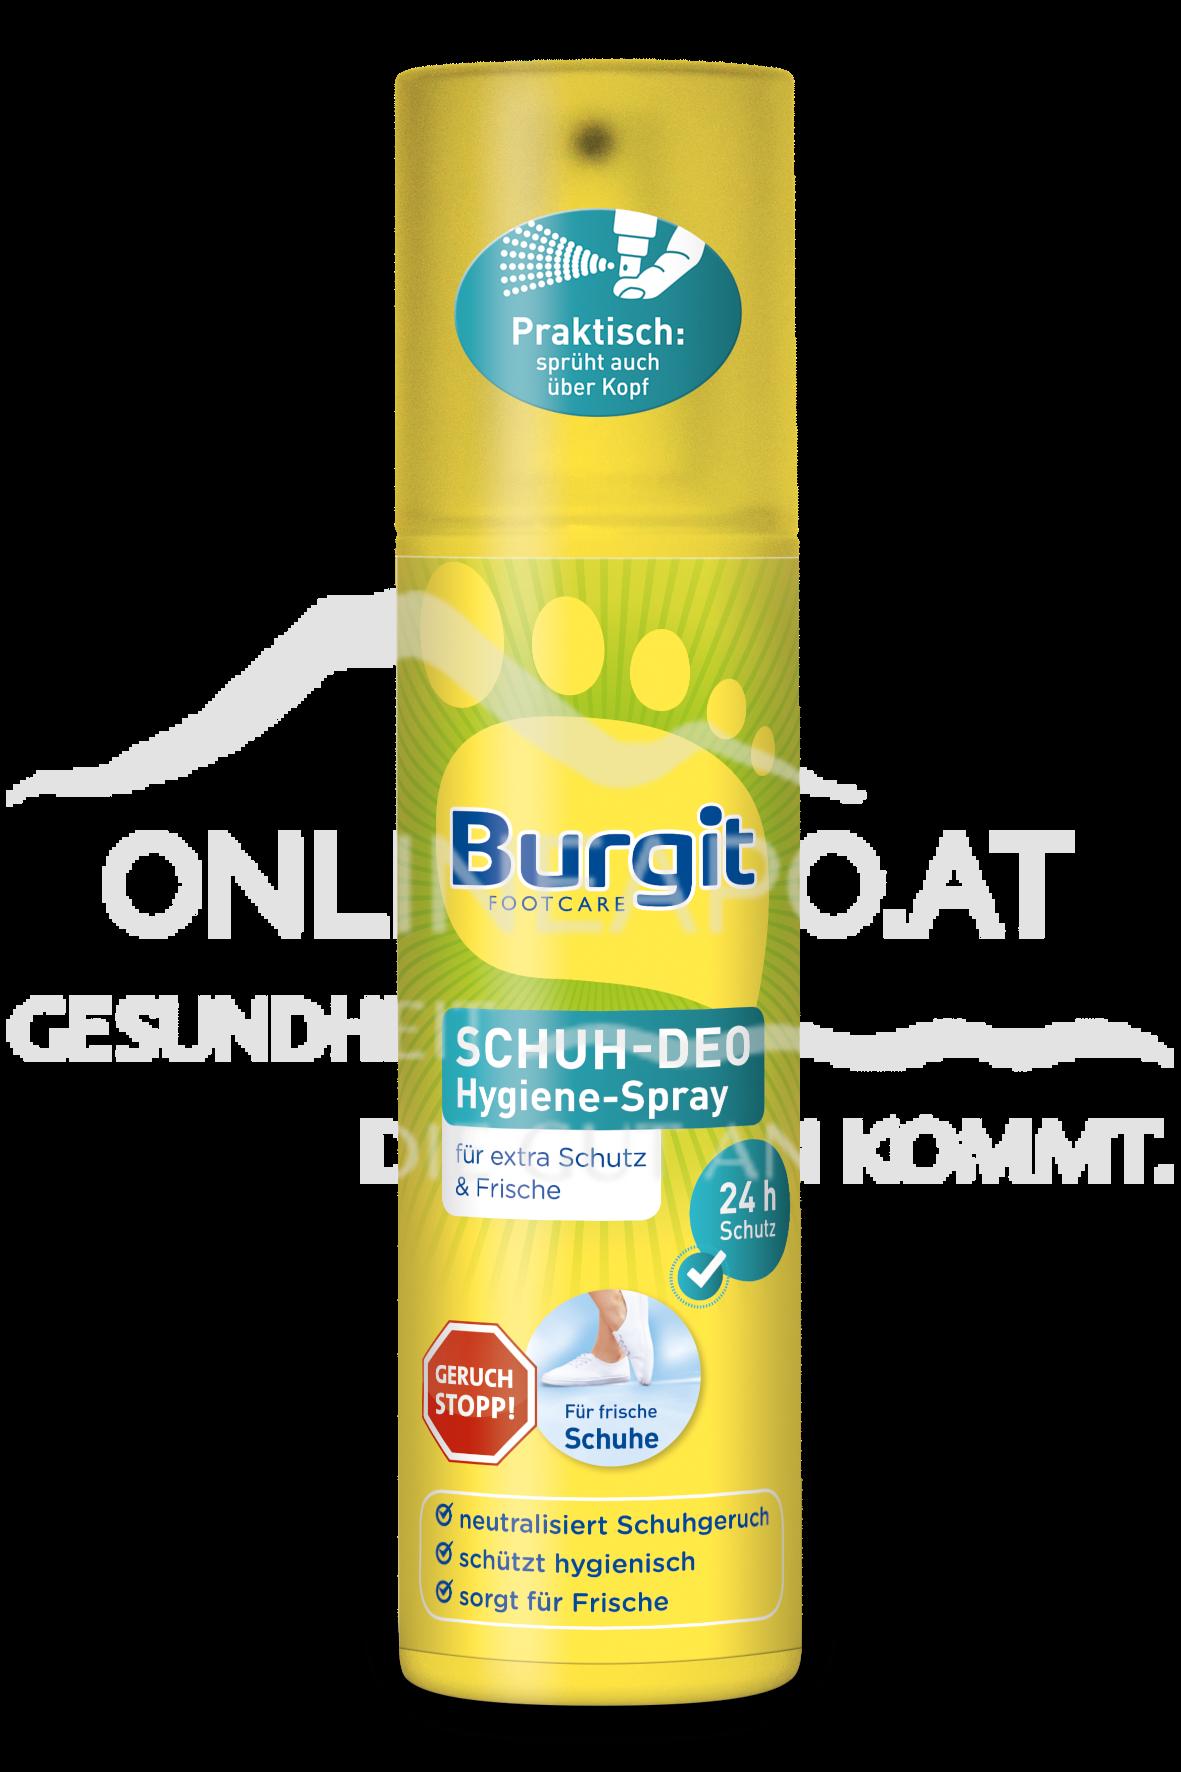 Burgit Schuh-Deo Hygiene-Spray